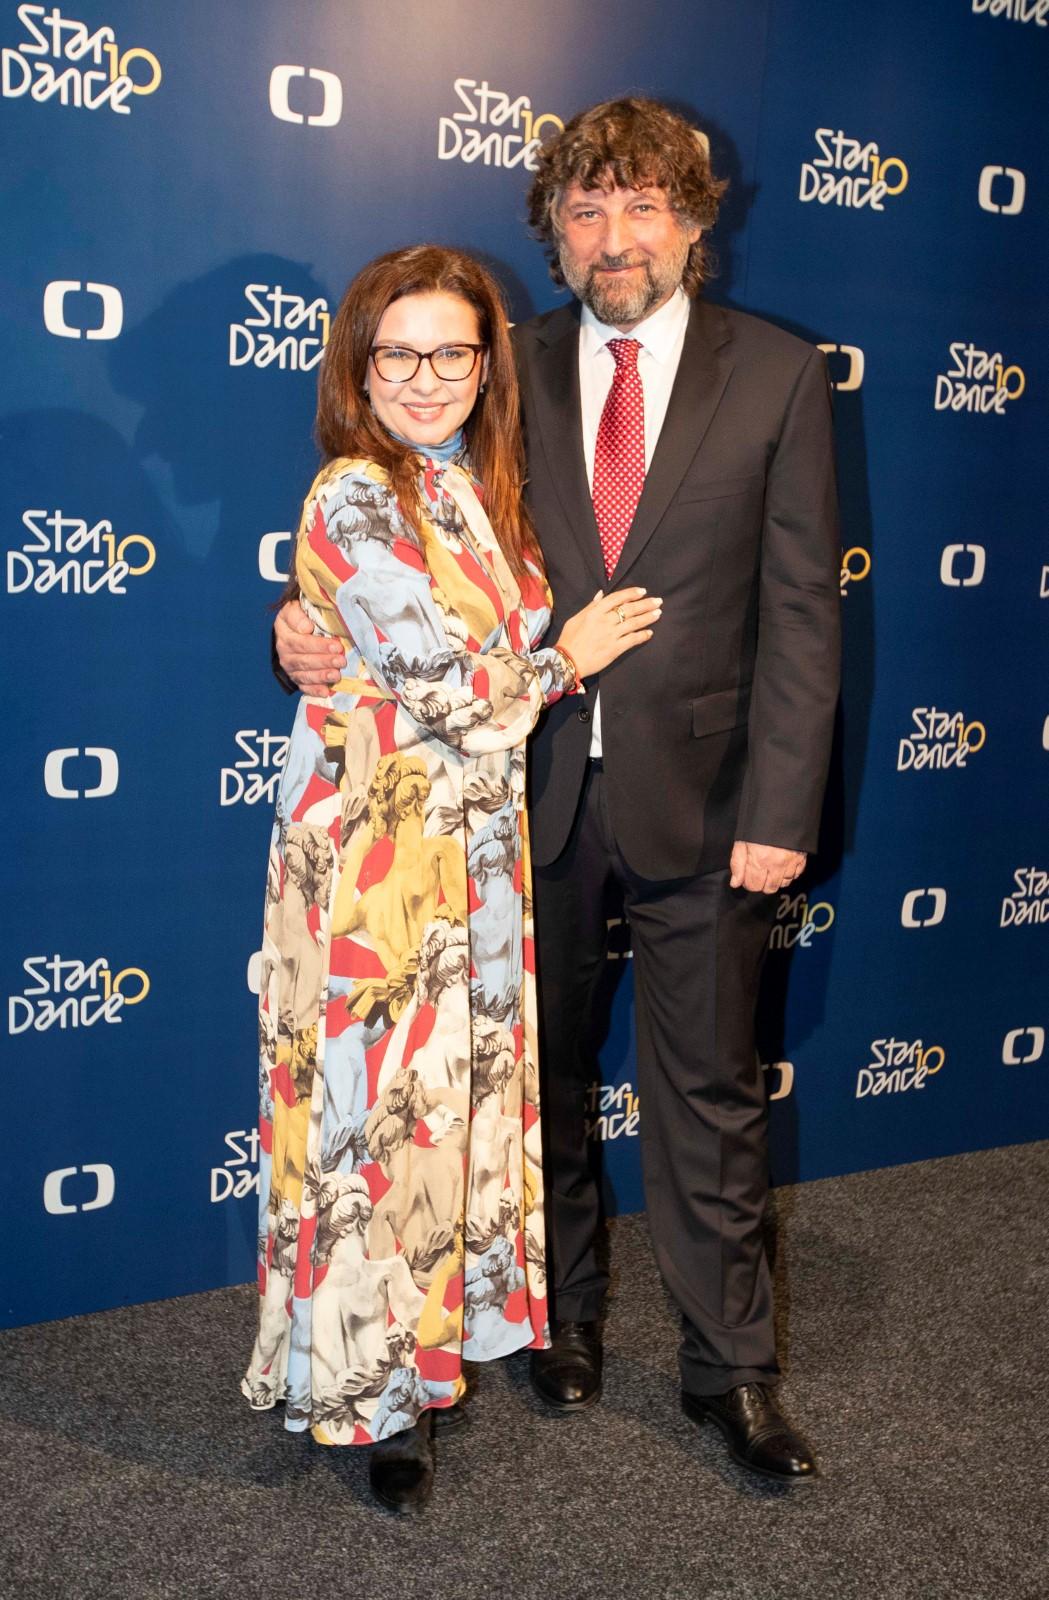 StarDance: Dana Morávková s manželem Petrem Maláskem